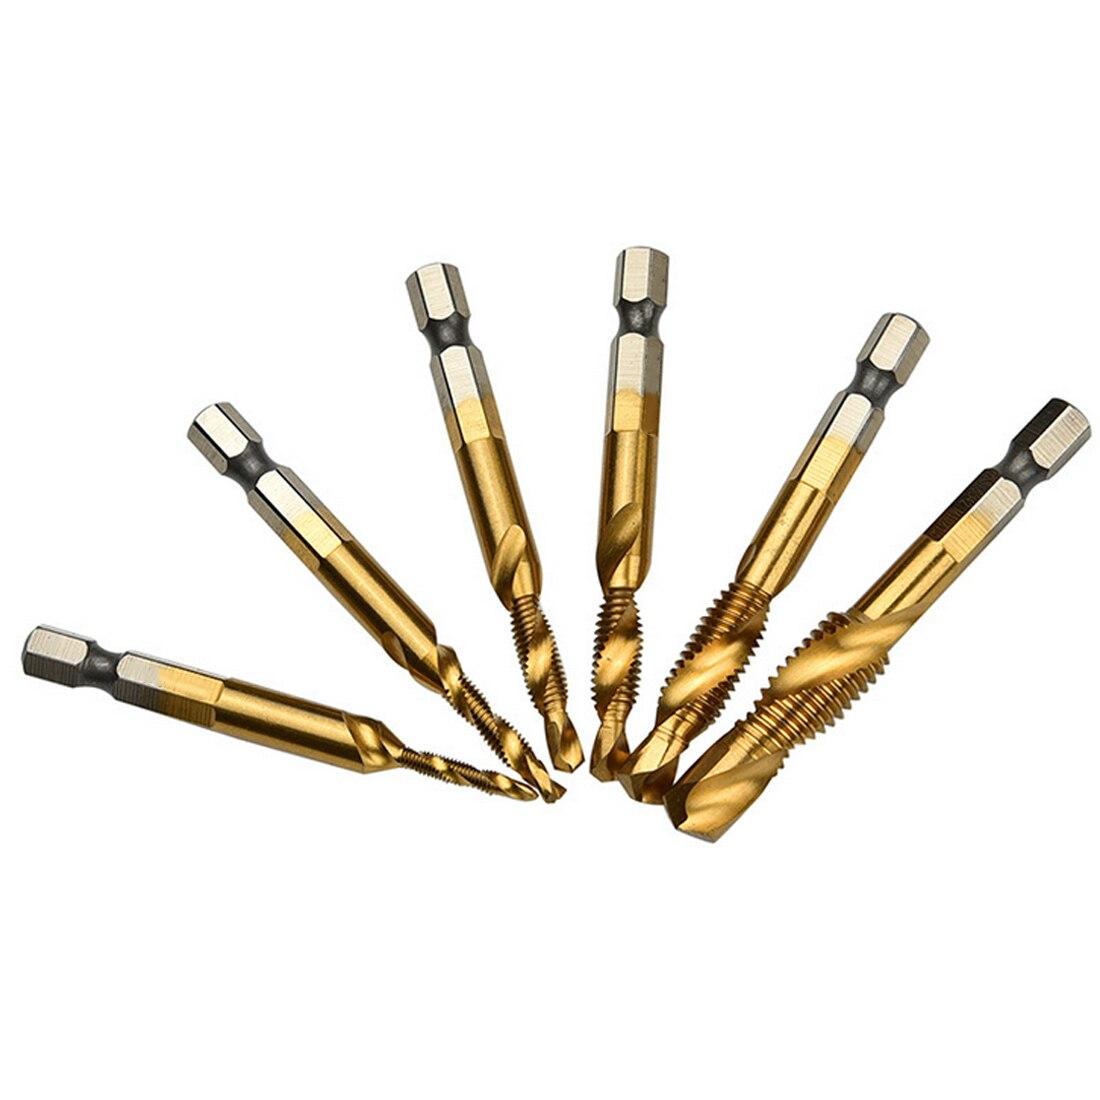 Werkzeuge Erfinderisch Hex Schaft Maschine Wasserhähne Kit M3 M4 M5 M6 M8 M10 Metallbearbeitung Hand Tippen Bohrer Hss 4341 Schraube Spirale Punkt Gewinde Metric Stecker In Den Spezifikationen VervollstäNdigen Tap & Sterben